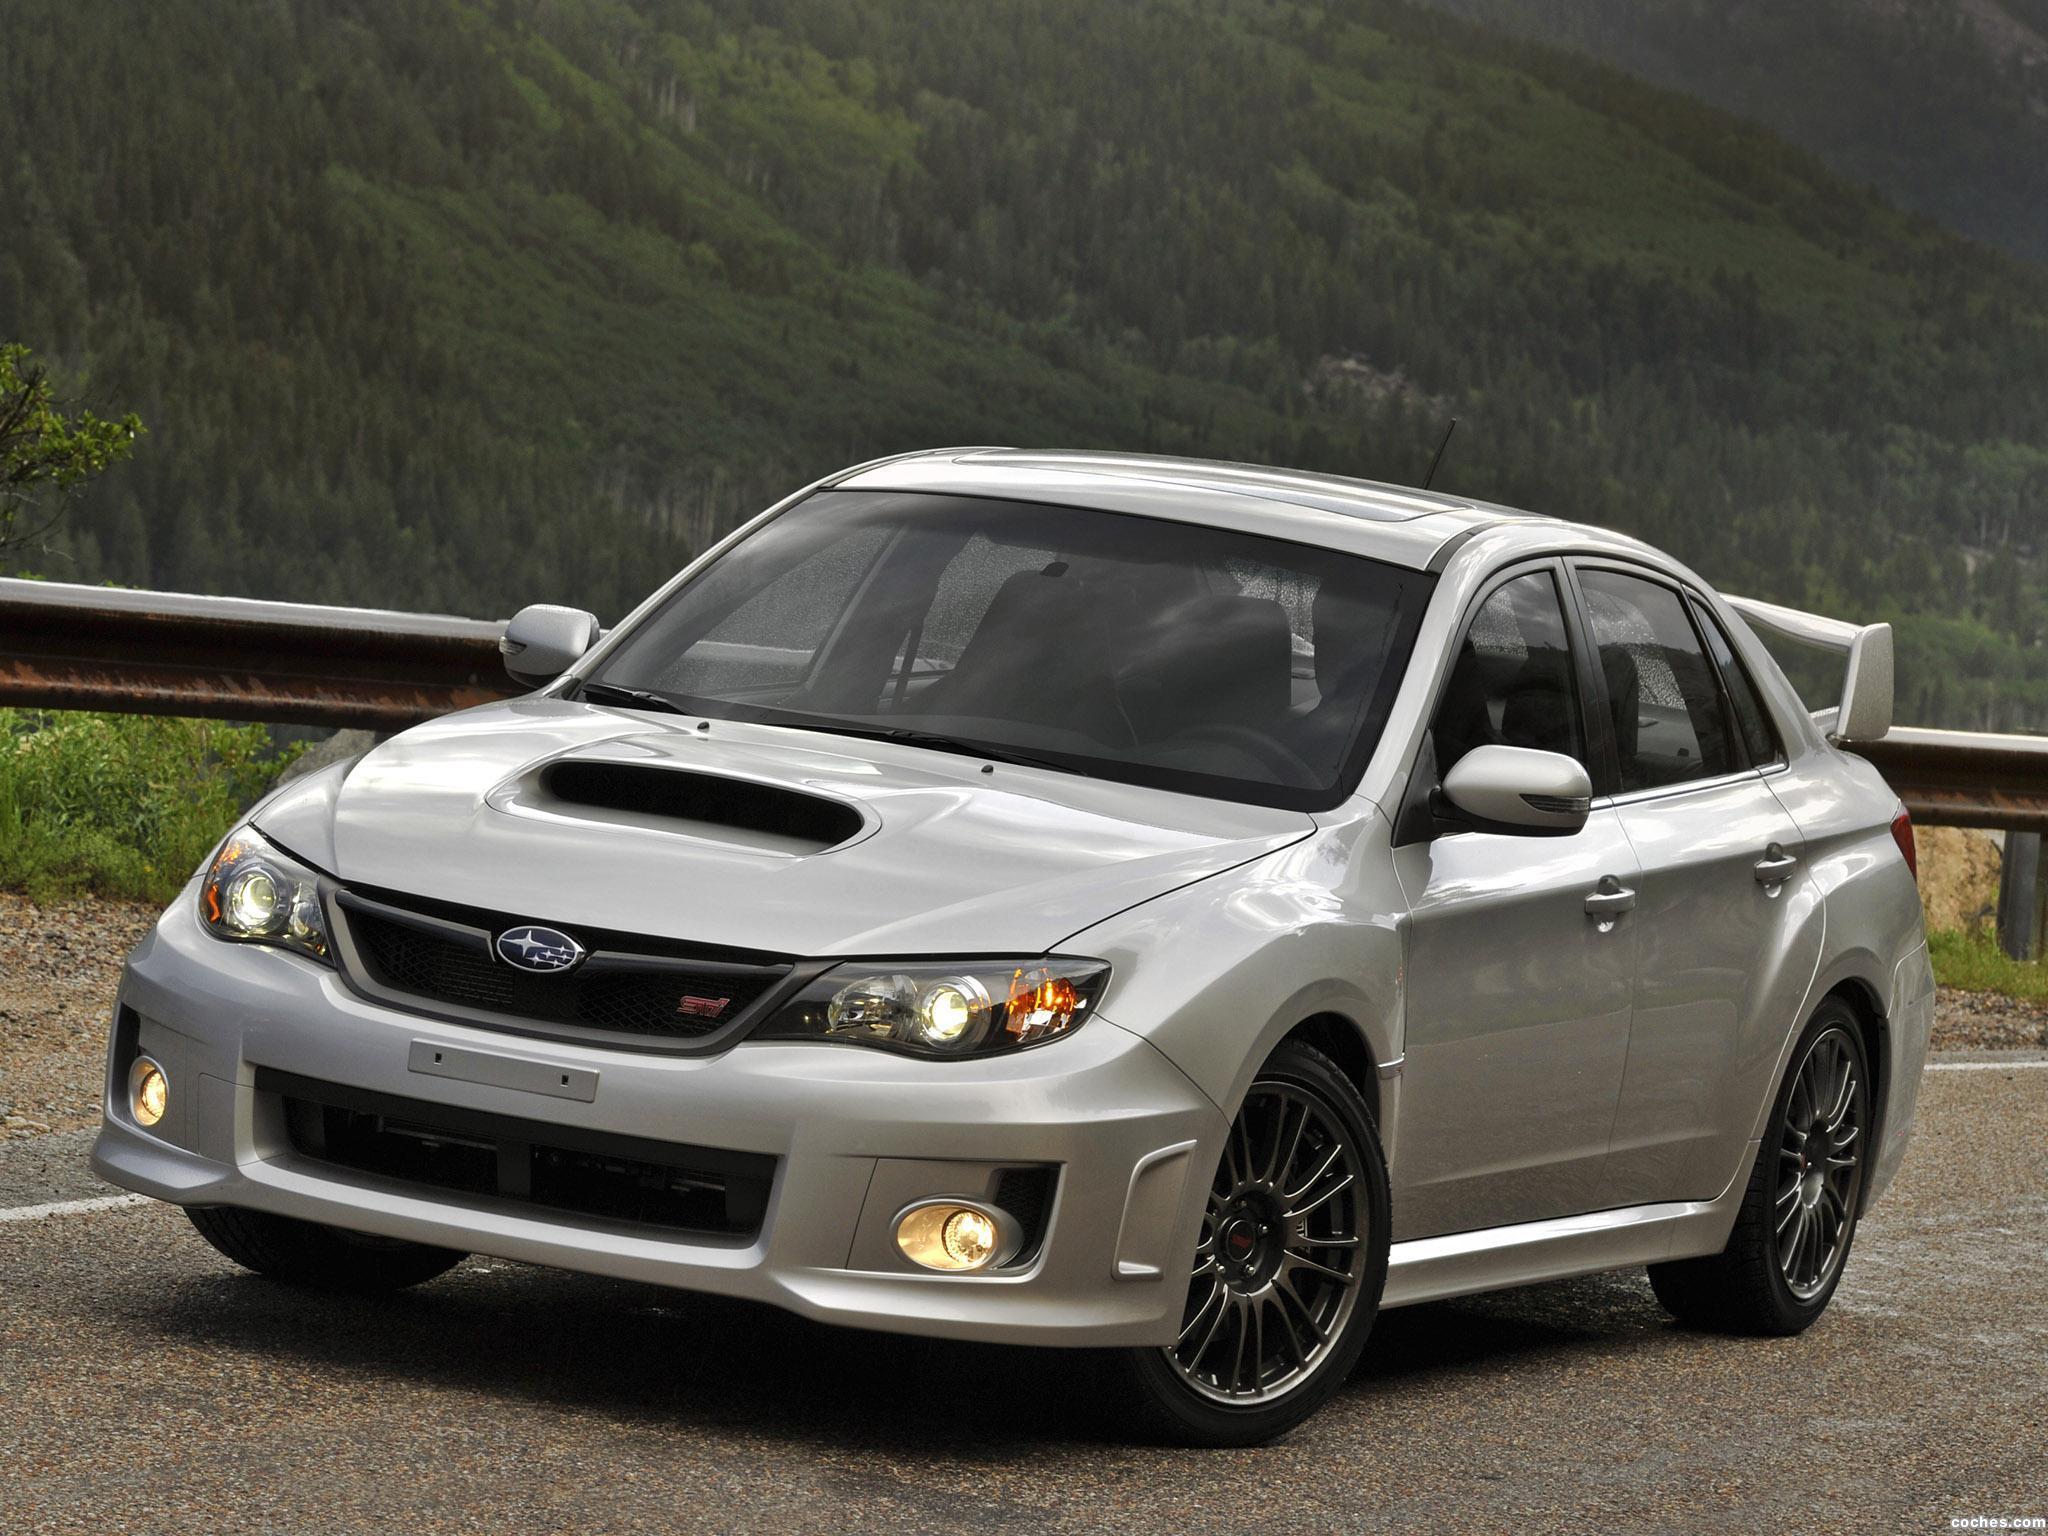 Foto 13 de Subaru Impreza WRX STi Sedan USA 2010